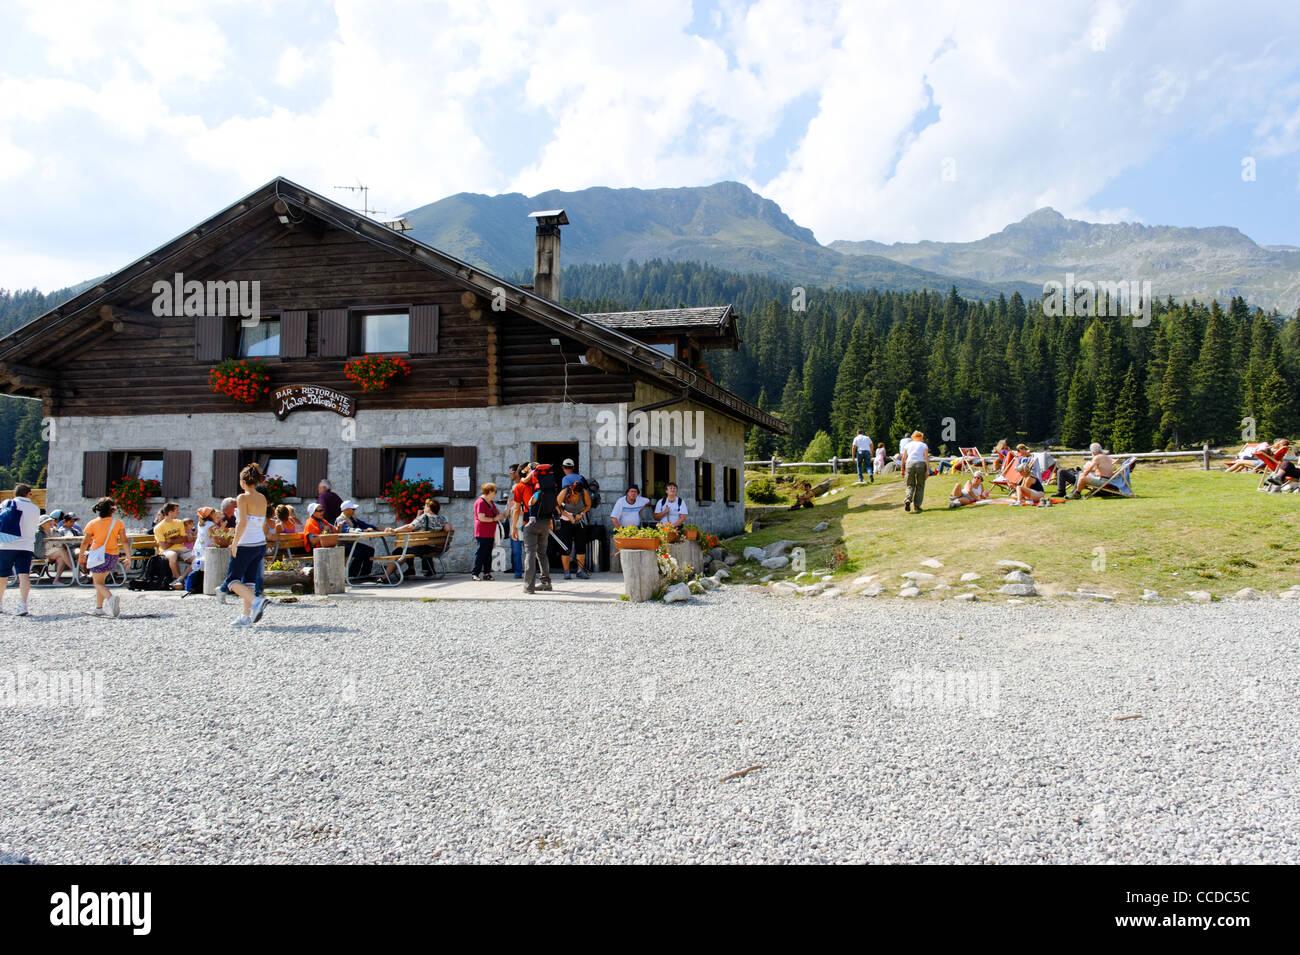 Malga Ritorto mountain hut, Madonna di Campiglio, Trentino Alto Adige, Italy - Stock Image